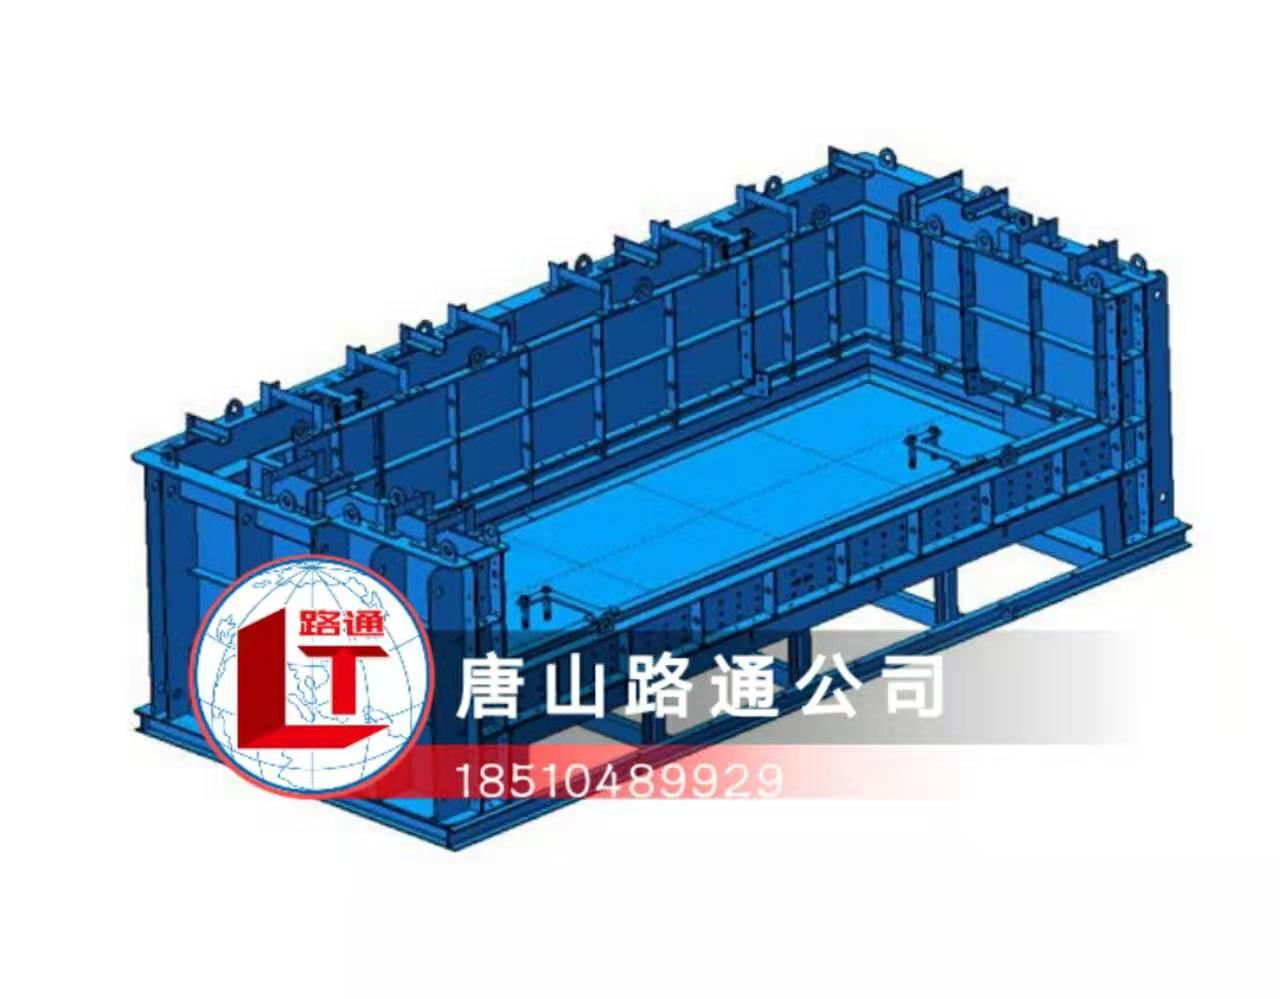 唐山路通桥梁模板有限公司装配式模具//装配式模板//厂家定做